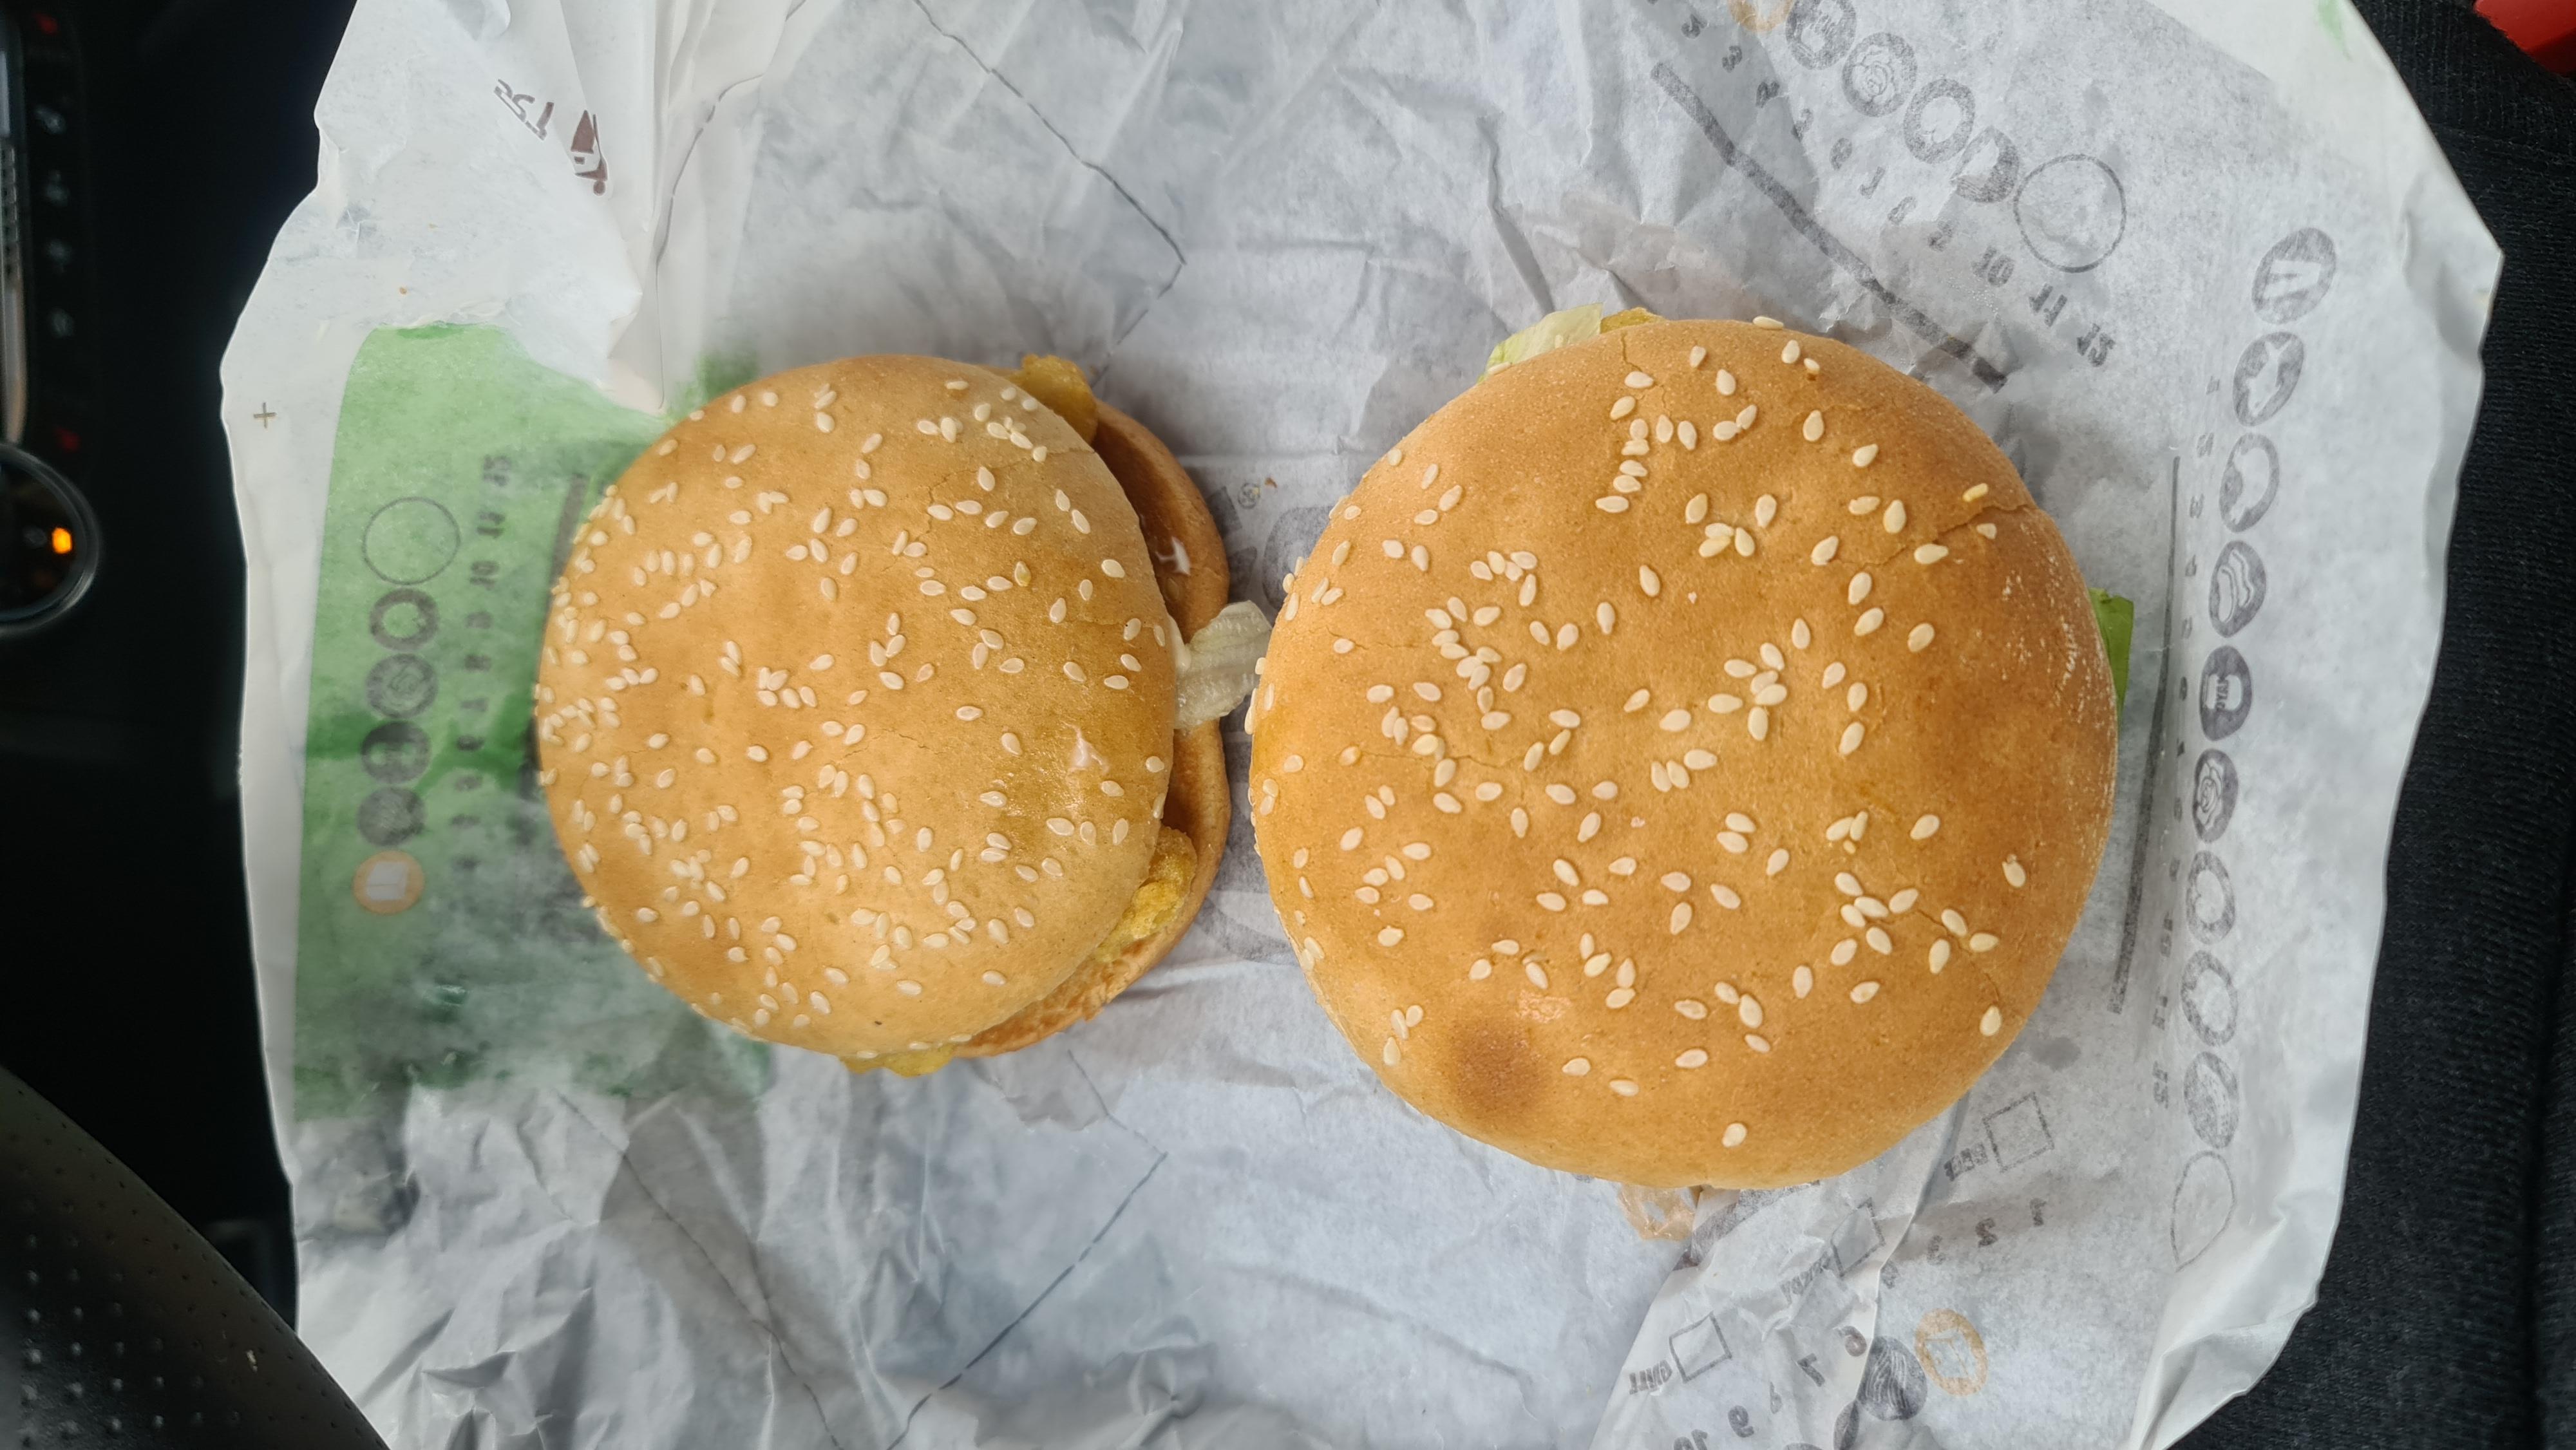 https://foodloader.net/Holz_2020-10-29_Burger_King.jpg